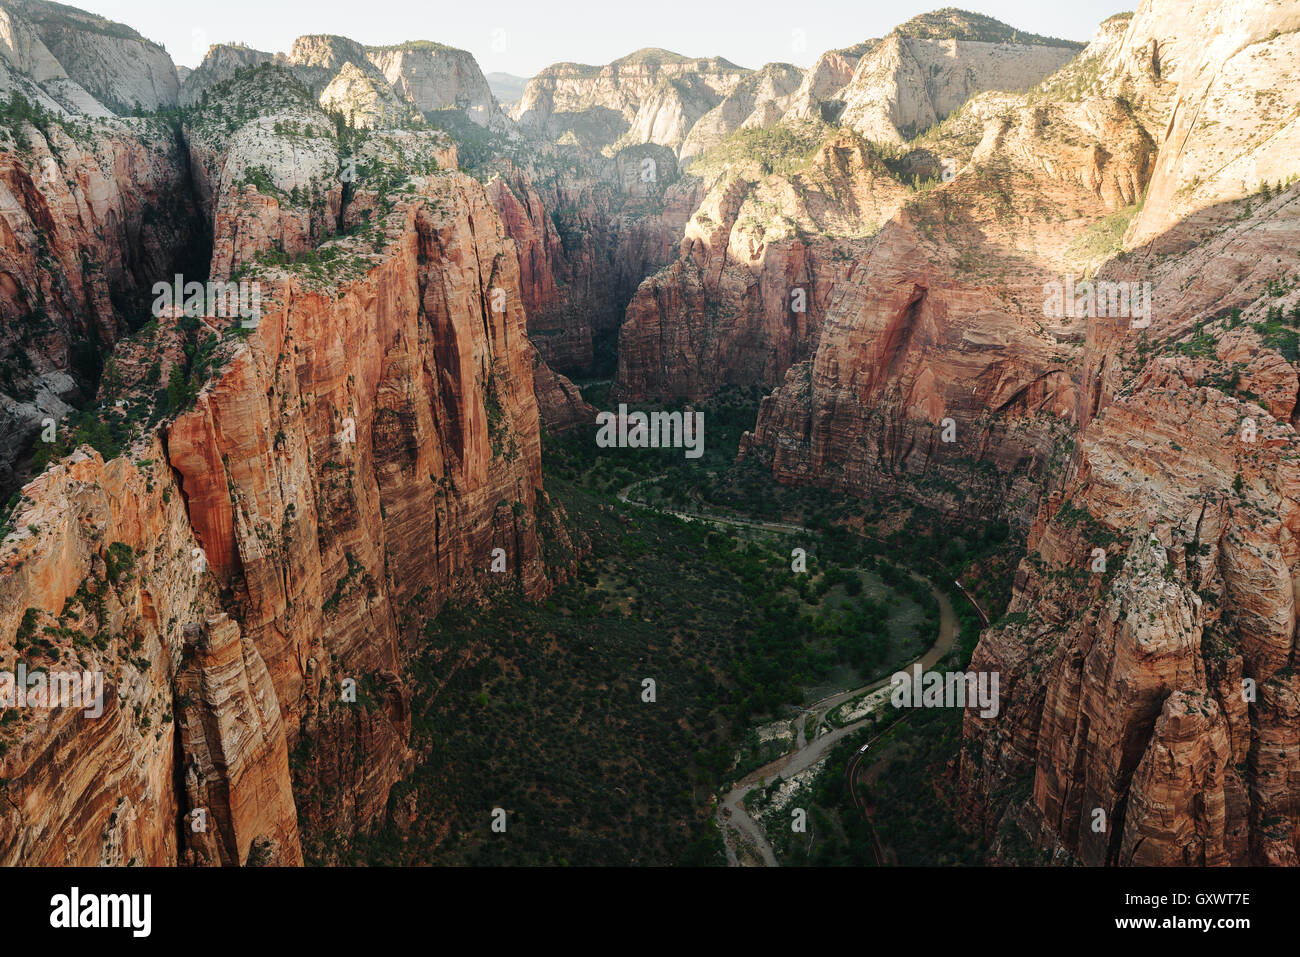 Vista desde el Angel's Landing en el Parque Nacional de Zion Imagen De Stock